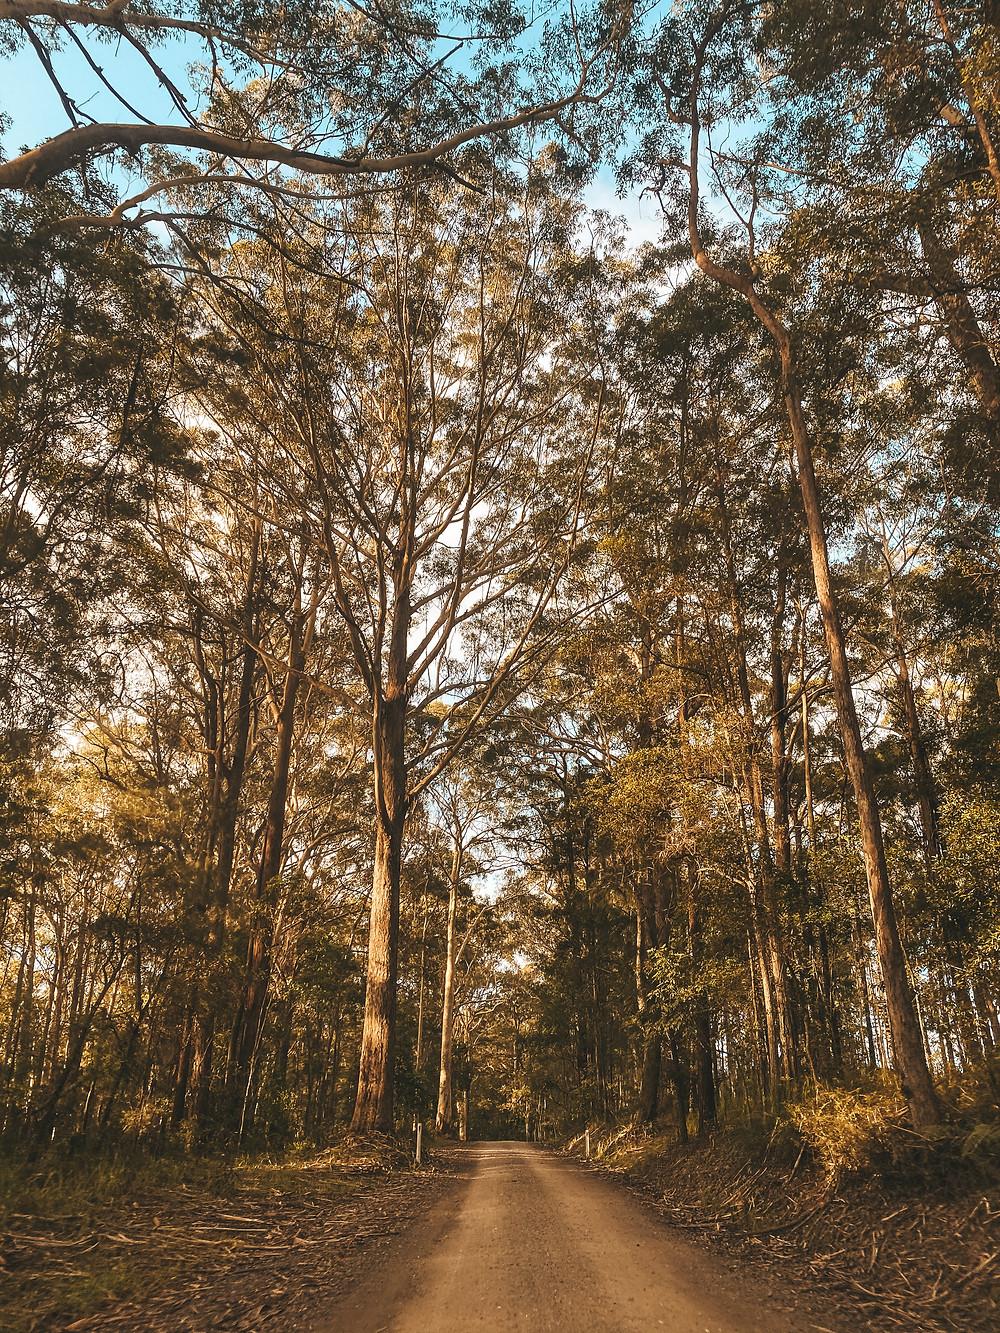 Road to reach the Mt Tinbeerwah Carpark, Noosa